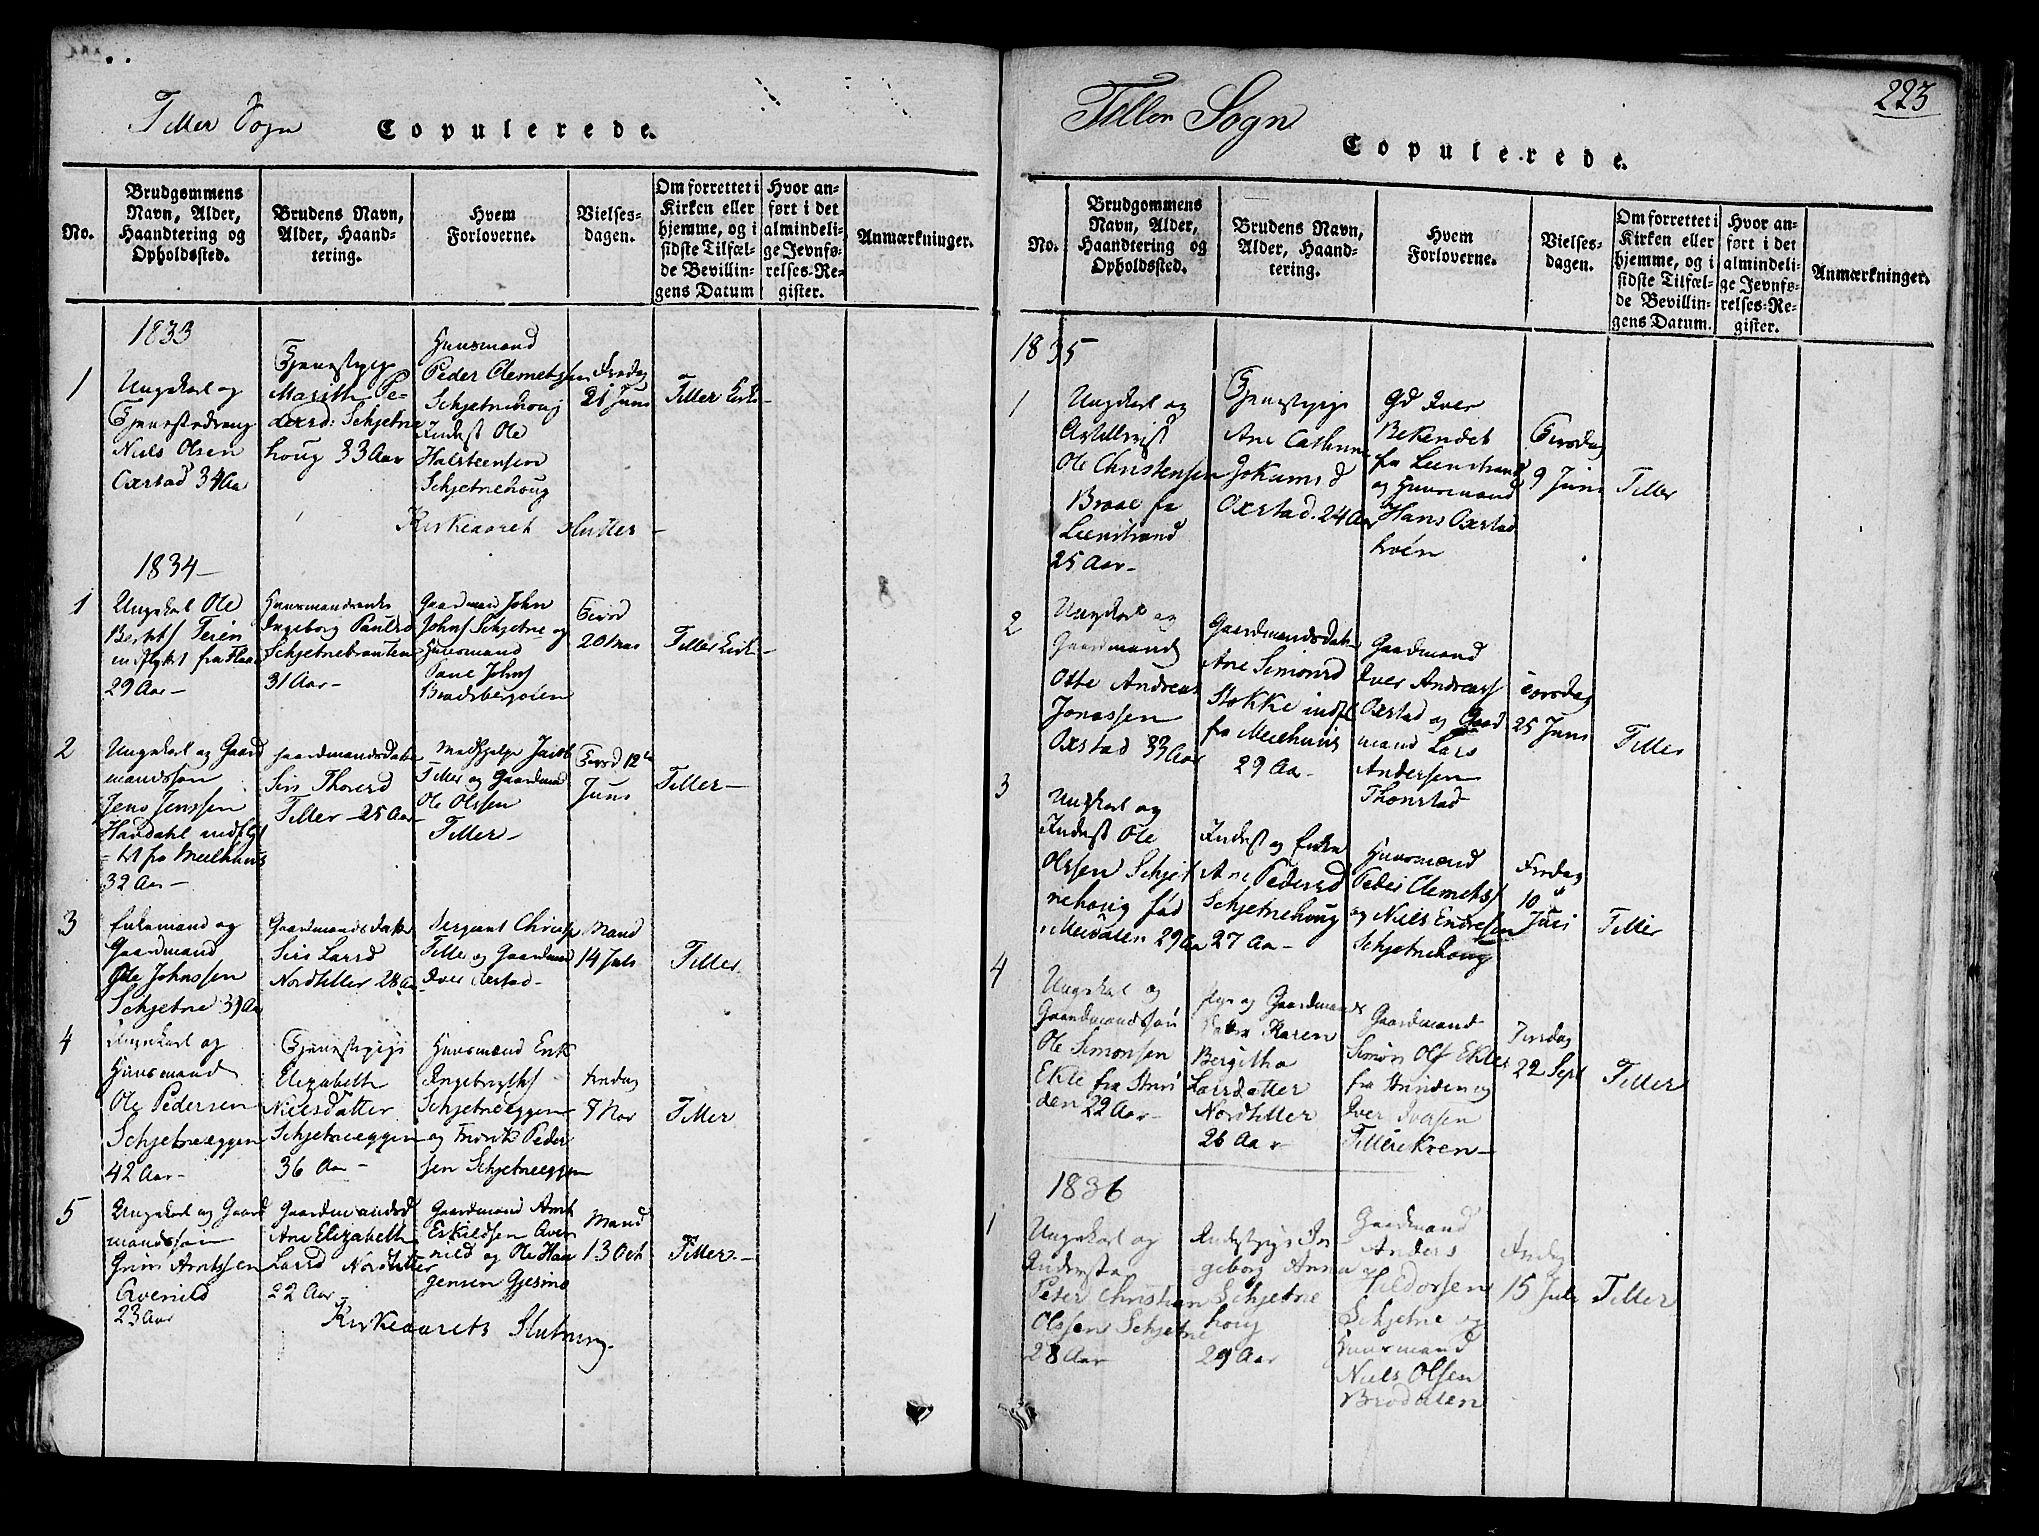 SAT, Ministerialprotokoller, klokkerbøker og fødselsregistre - Sør-Trøndelag, 618/L0440: Ministerialbok nr. 618A04 /2, 1816-1843, s. 223